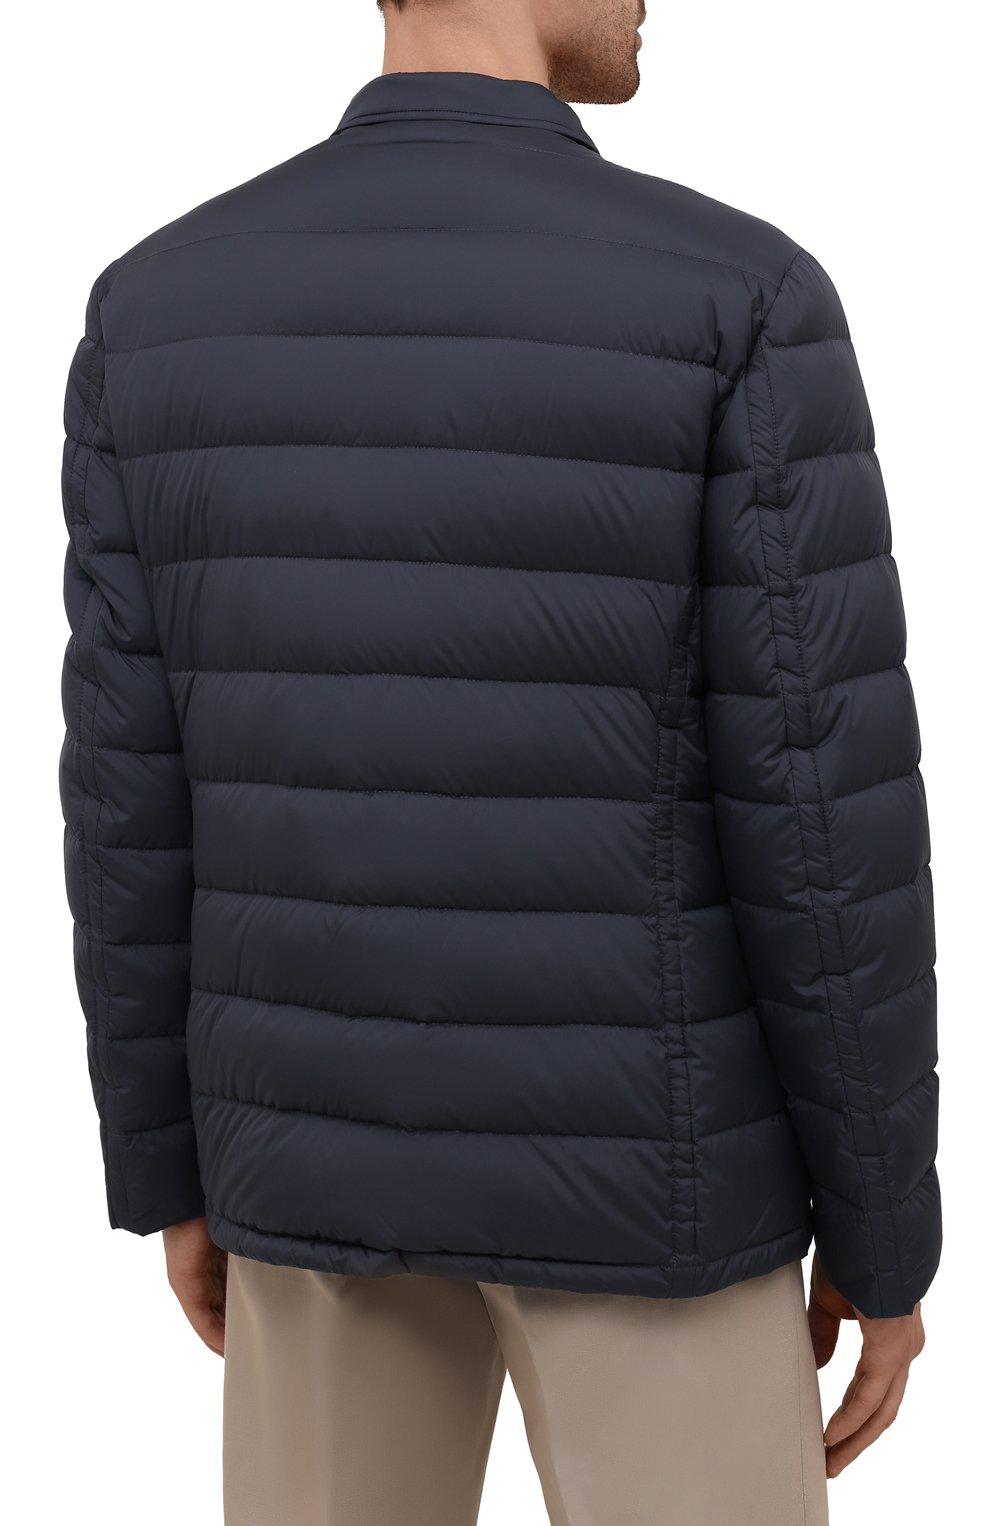 Мужская пуховая куртка zayn-op MOORER синего цвета, арт. ZAYN-0P/M0UGI100307-TEPA017 | Фото 4 (Кросс-КТ: Куртка; Мужское Кросс-КТ: пуховик-короткий; Рукава: Длинные; Материал внешний: Синтетический материал; Материал подклада: Синтетический материал; Длина (верхняя одежда): Короткие; Материал утеплителя: Пух и перо; Стили: Кэжуэл)